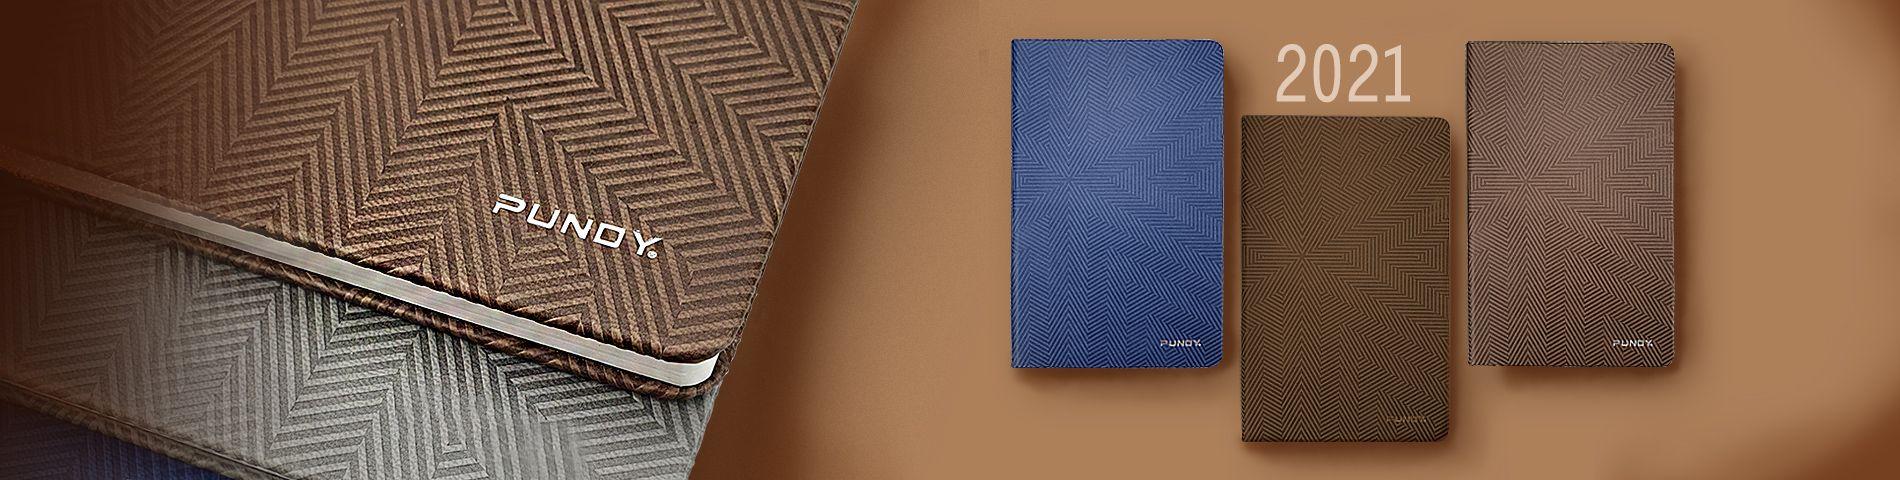 專業客製設計款 凸顯企業形象